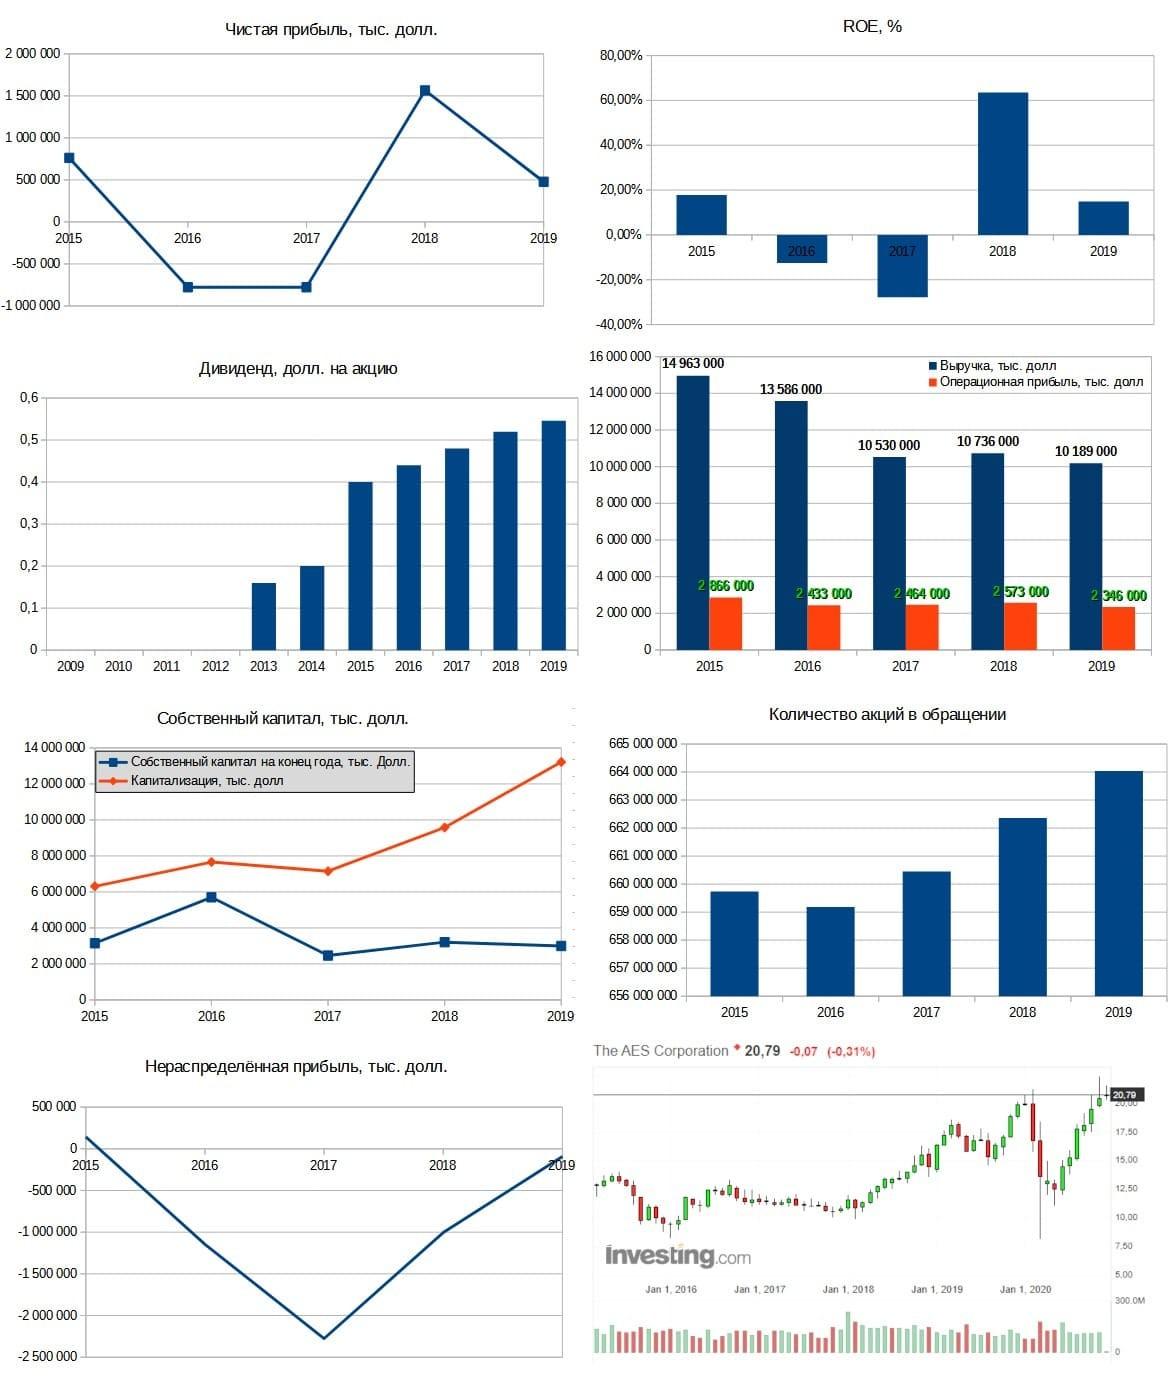 Рис. 5. Диаграммы составлены по данным EDGAR. График акций — investing.com